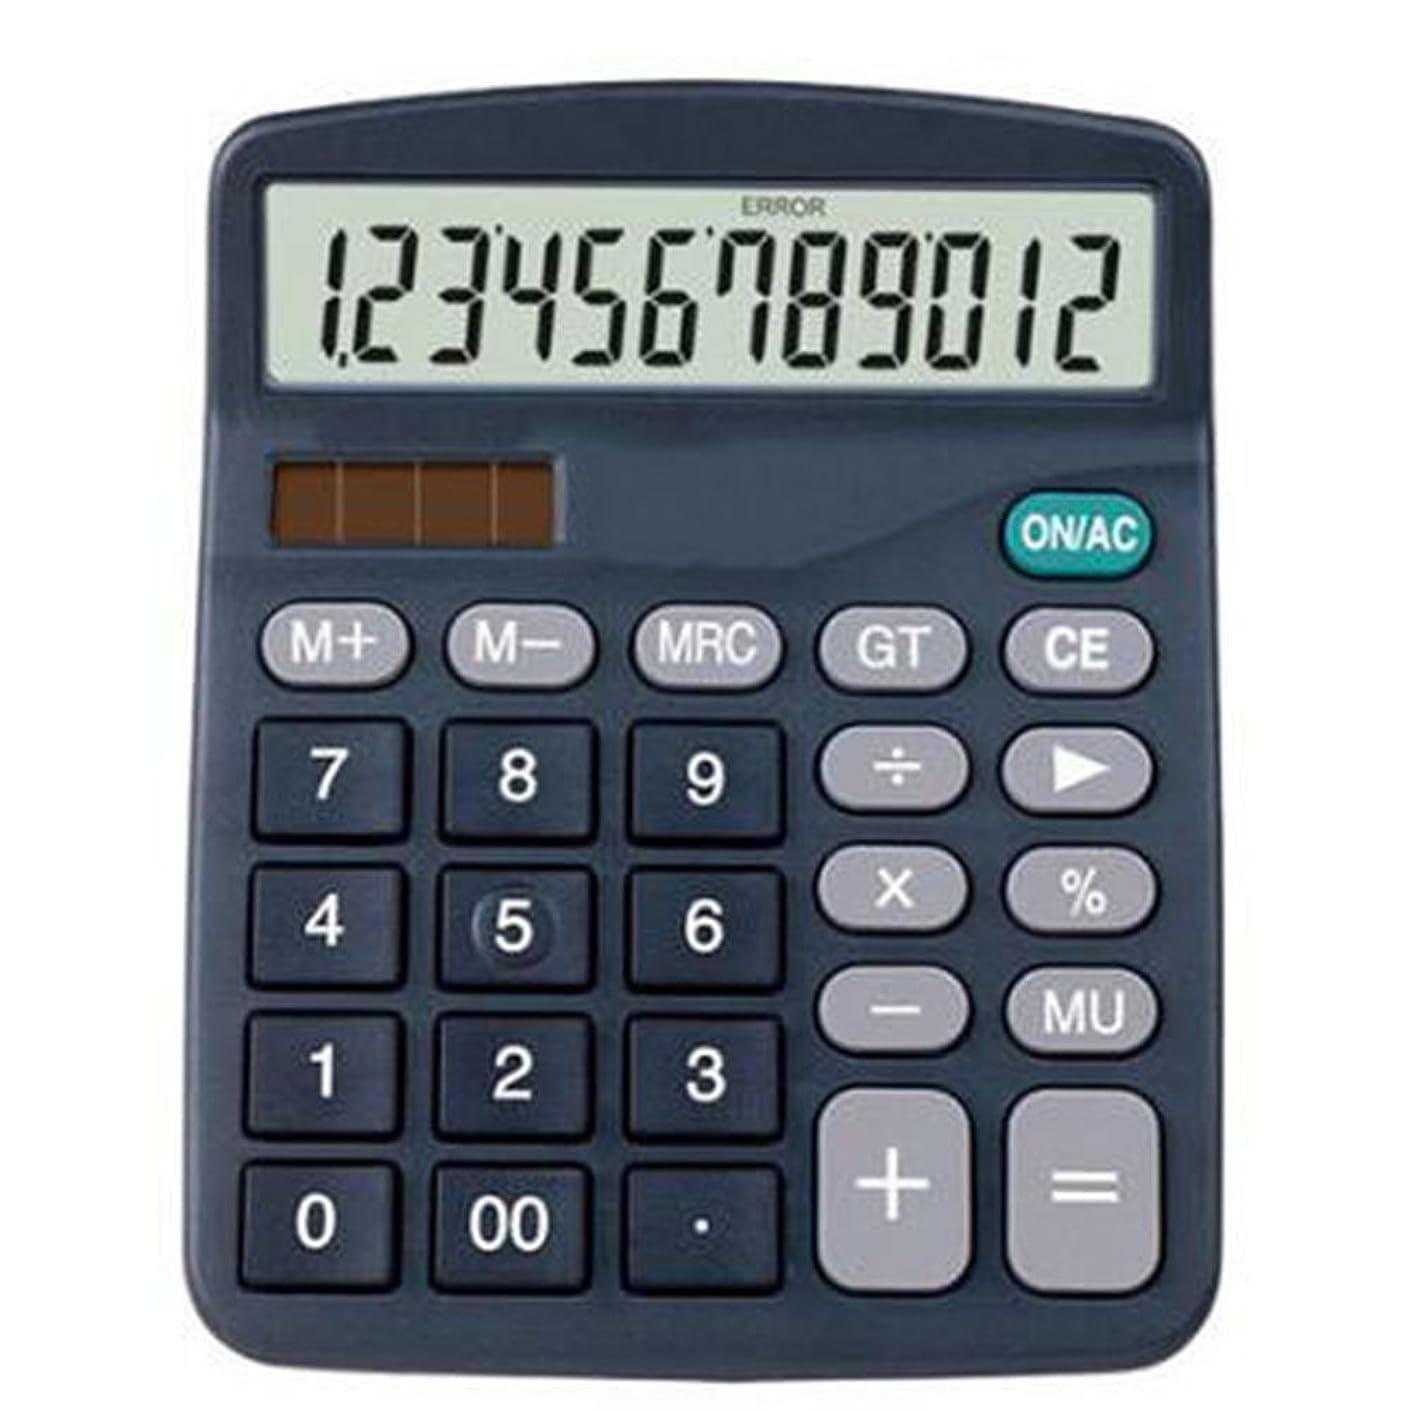 甘美なスチール約Ren He 電卓 卓上タイプ 電卓 12桁電卓 見やすい打ちやすい 大型液晶と大型ボタン 楽々使える電卓